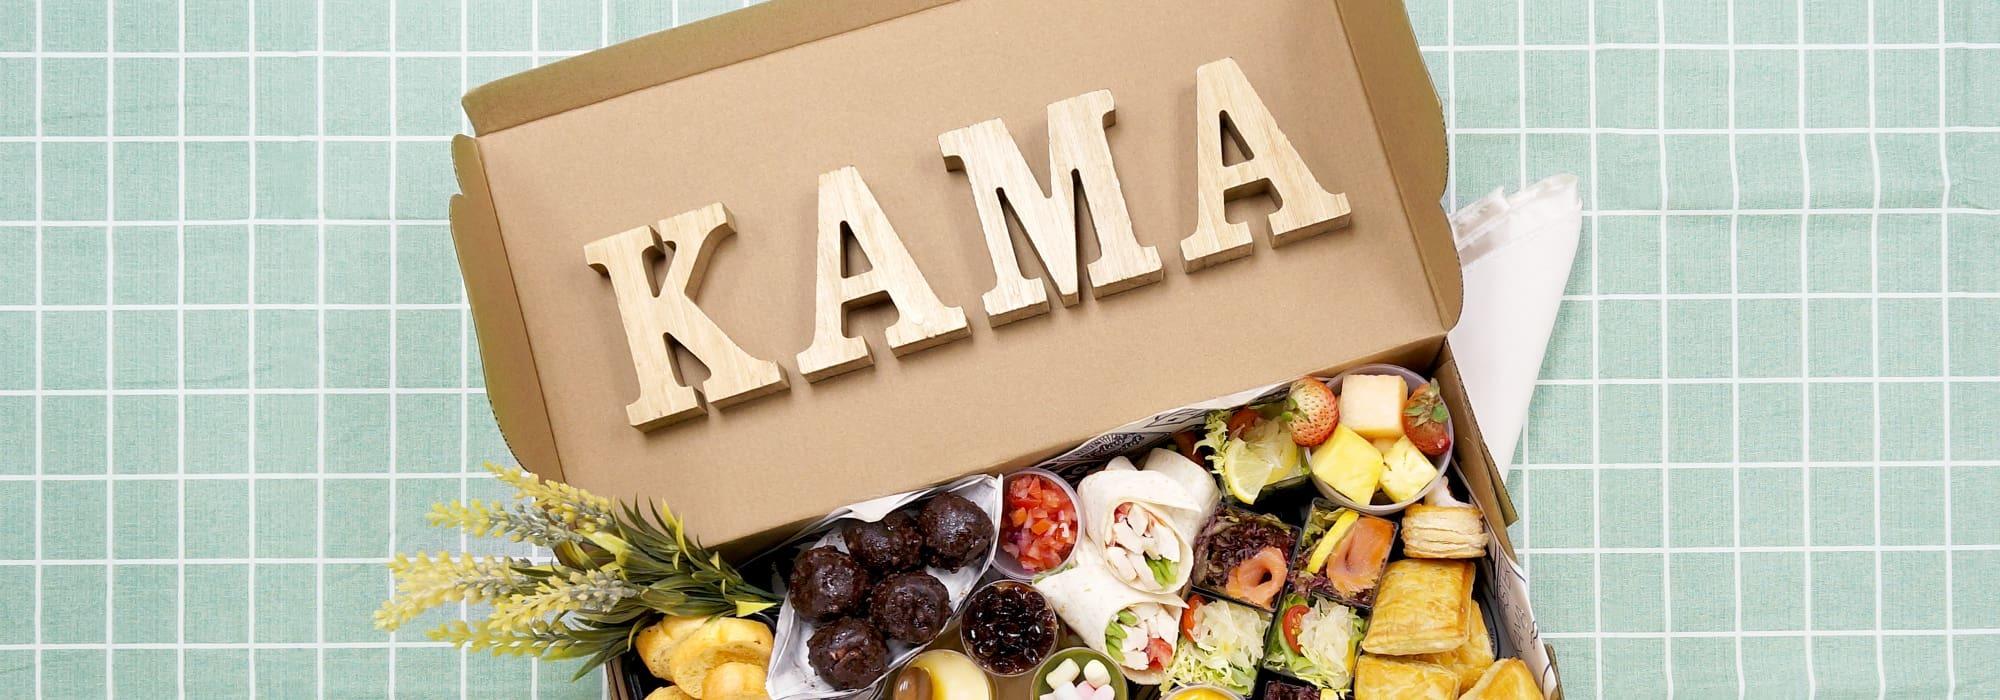 辦公室下午茶外賣推薦2021【含訂購優惠碼】|Kama Delivery到會外賣速遞專家